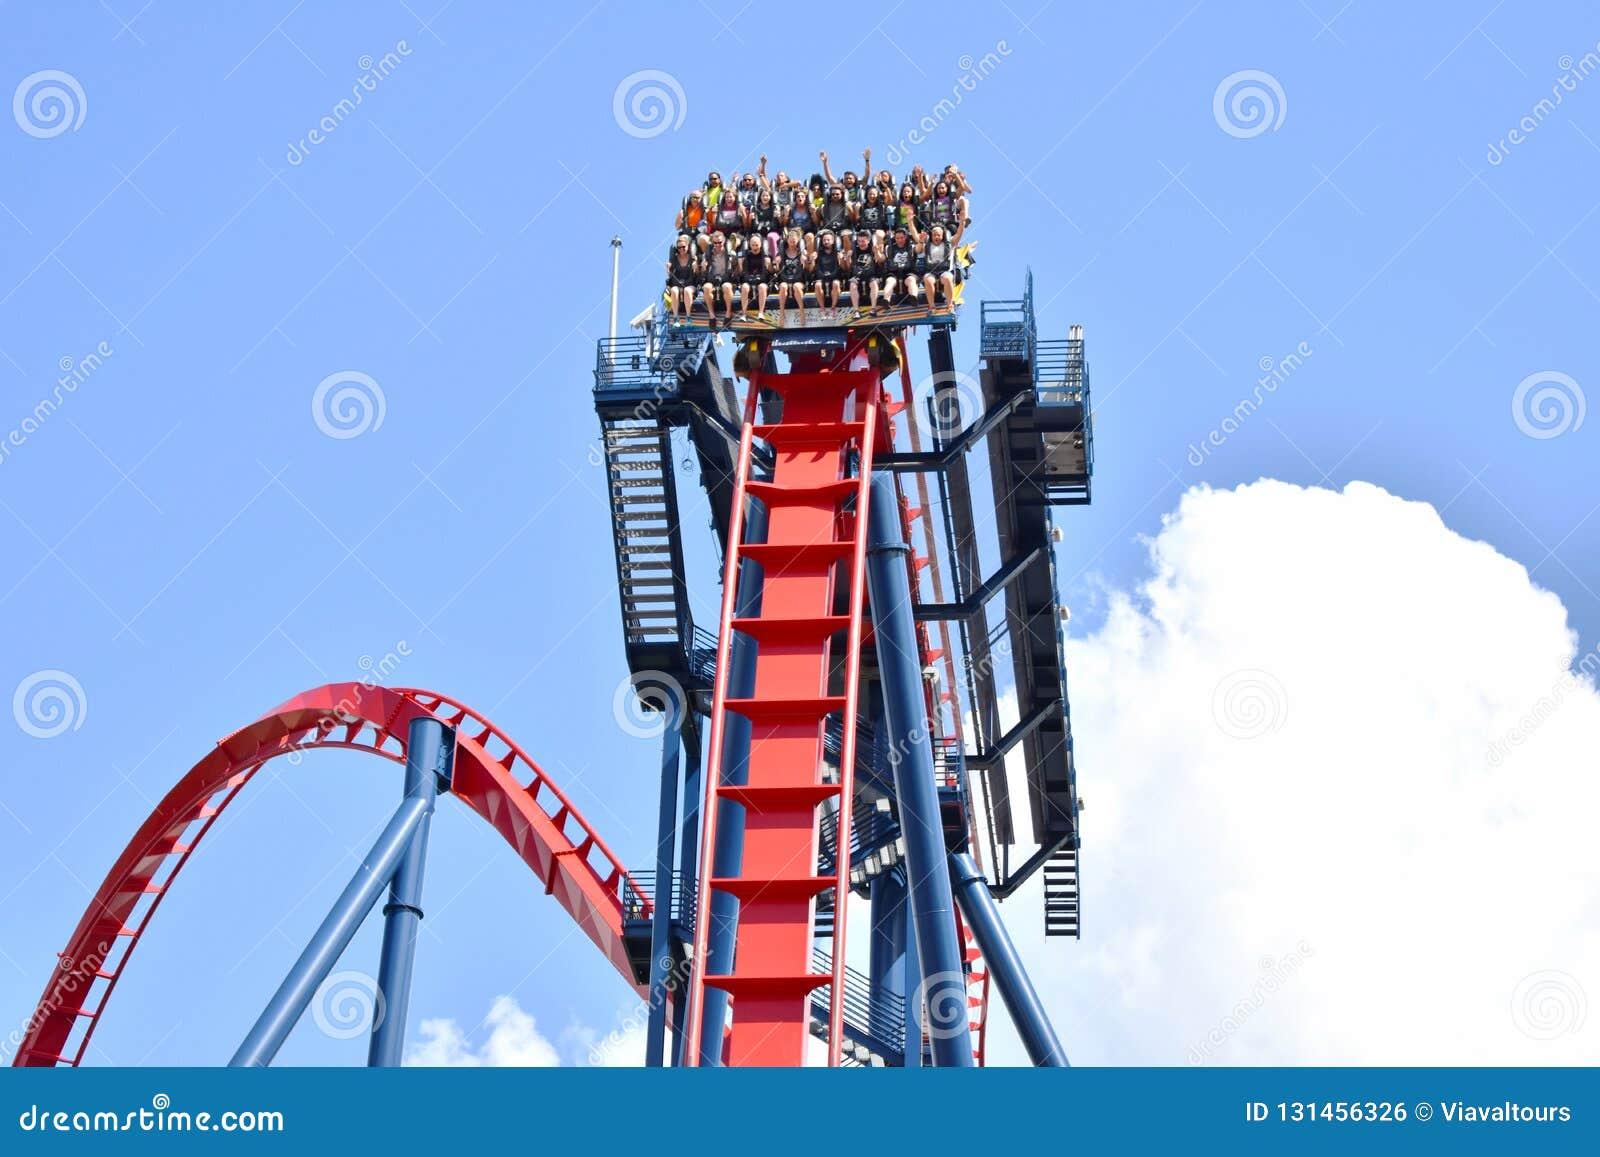 Άνθρωποι που έχουν ακραίο Rollercoaster Sheikra διασκέδασης στους κήπους Tampa Bay του Μπους